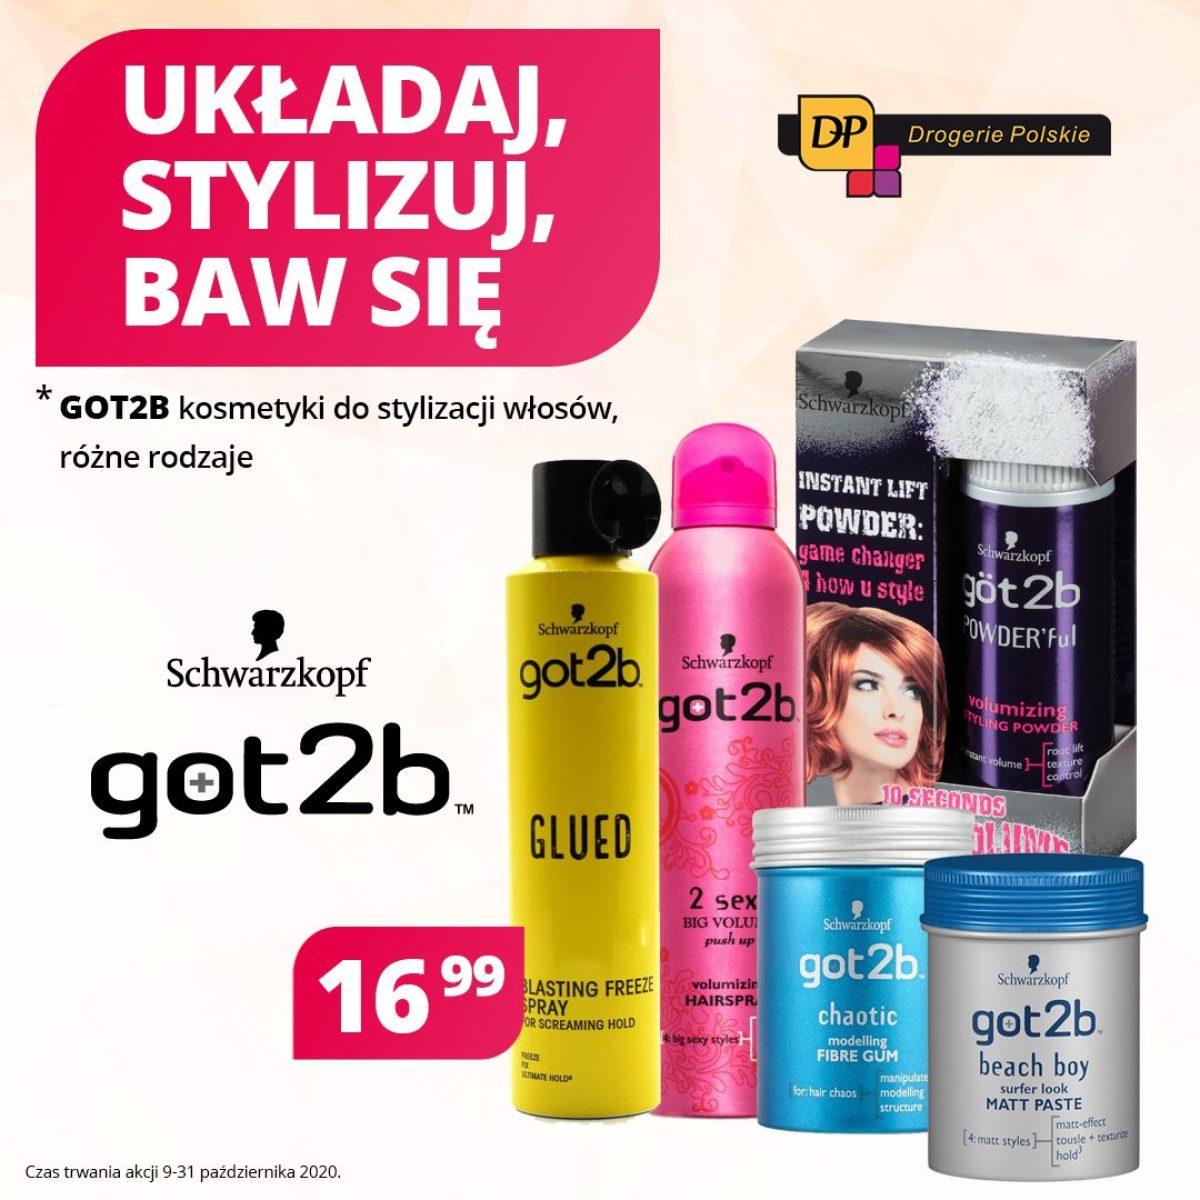 Gazetka Drogerie Polskie - Układaj, stylizuj, baw się - got2b